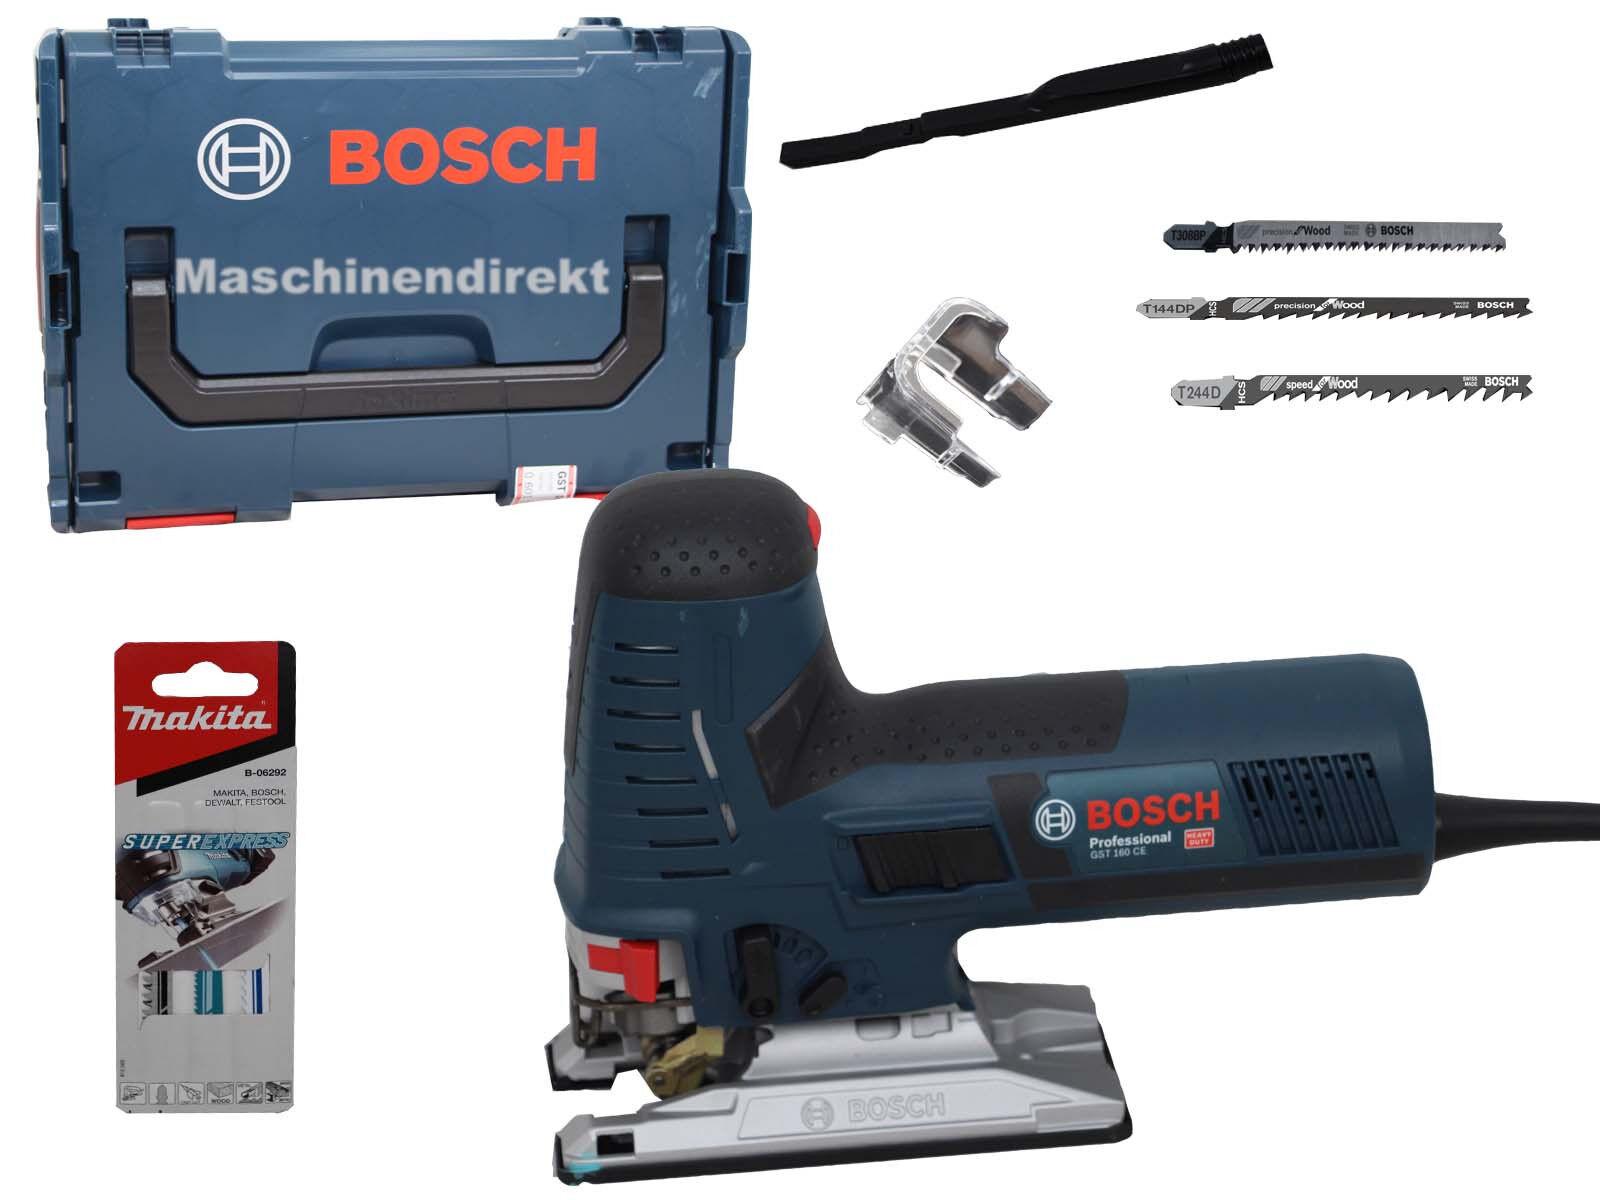 Bosch Stichsäge GST 160 CE Professional + Makita Stichsägeblatt Set 3 Stk Supere